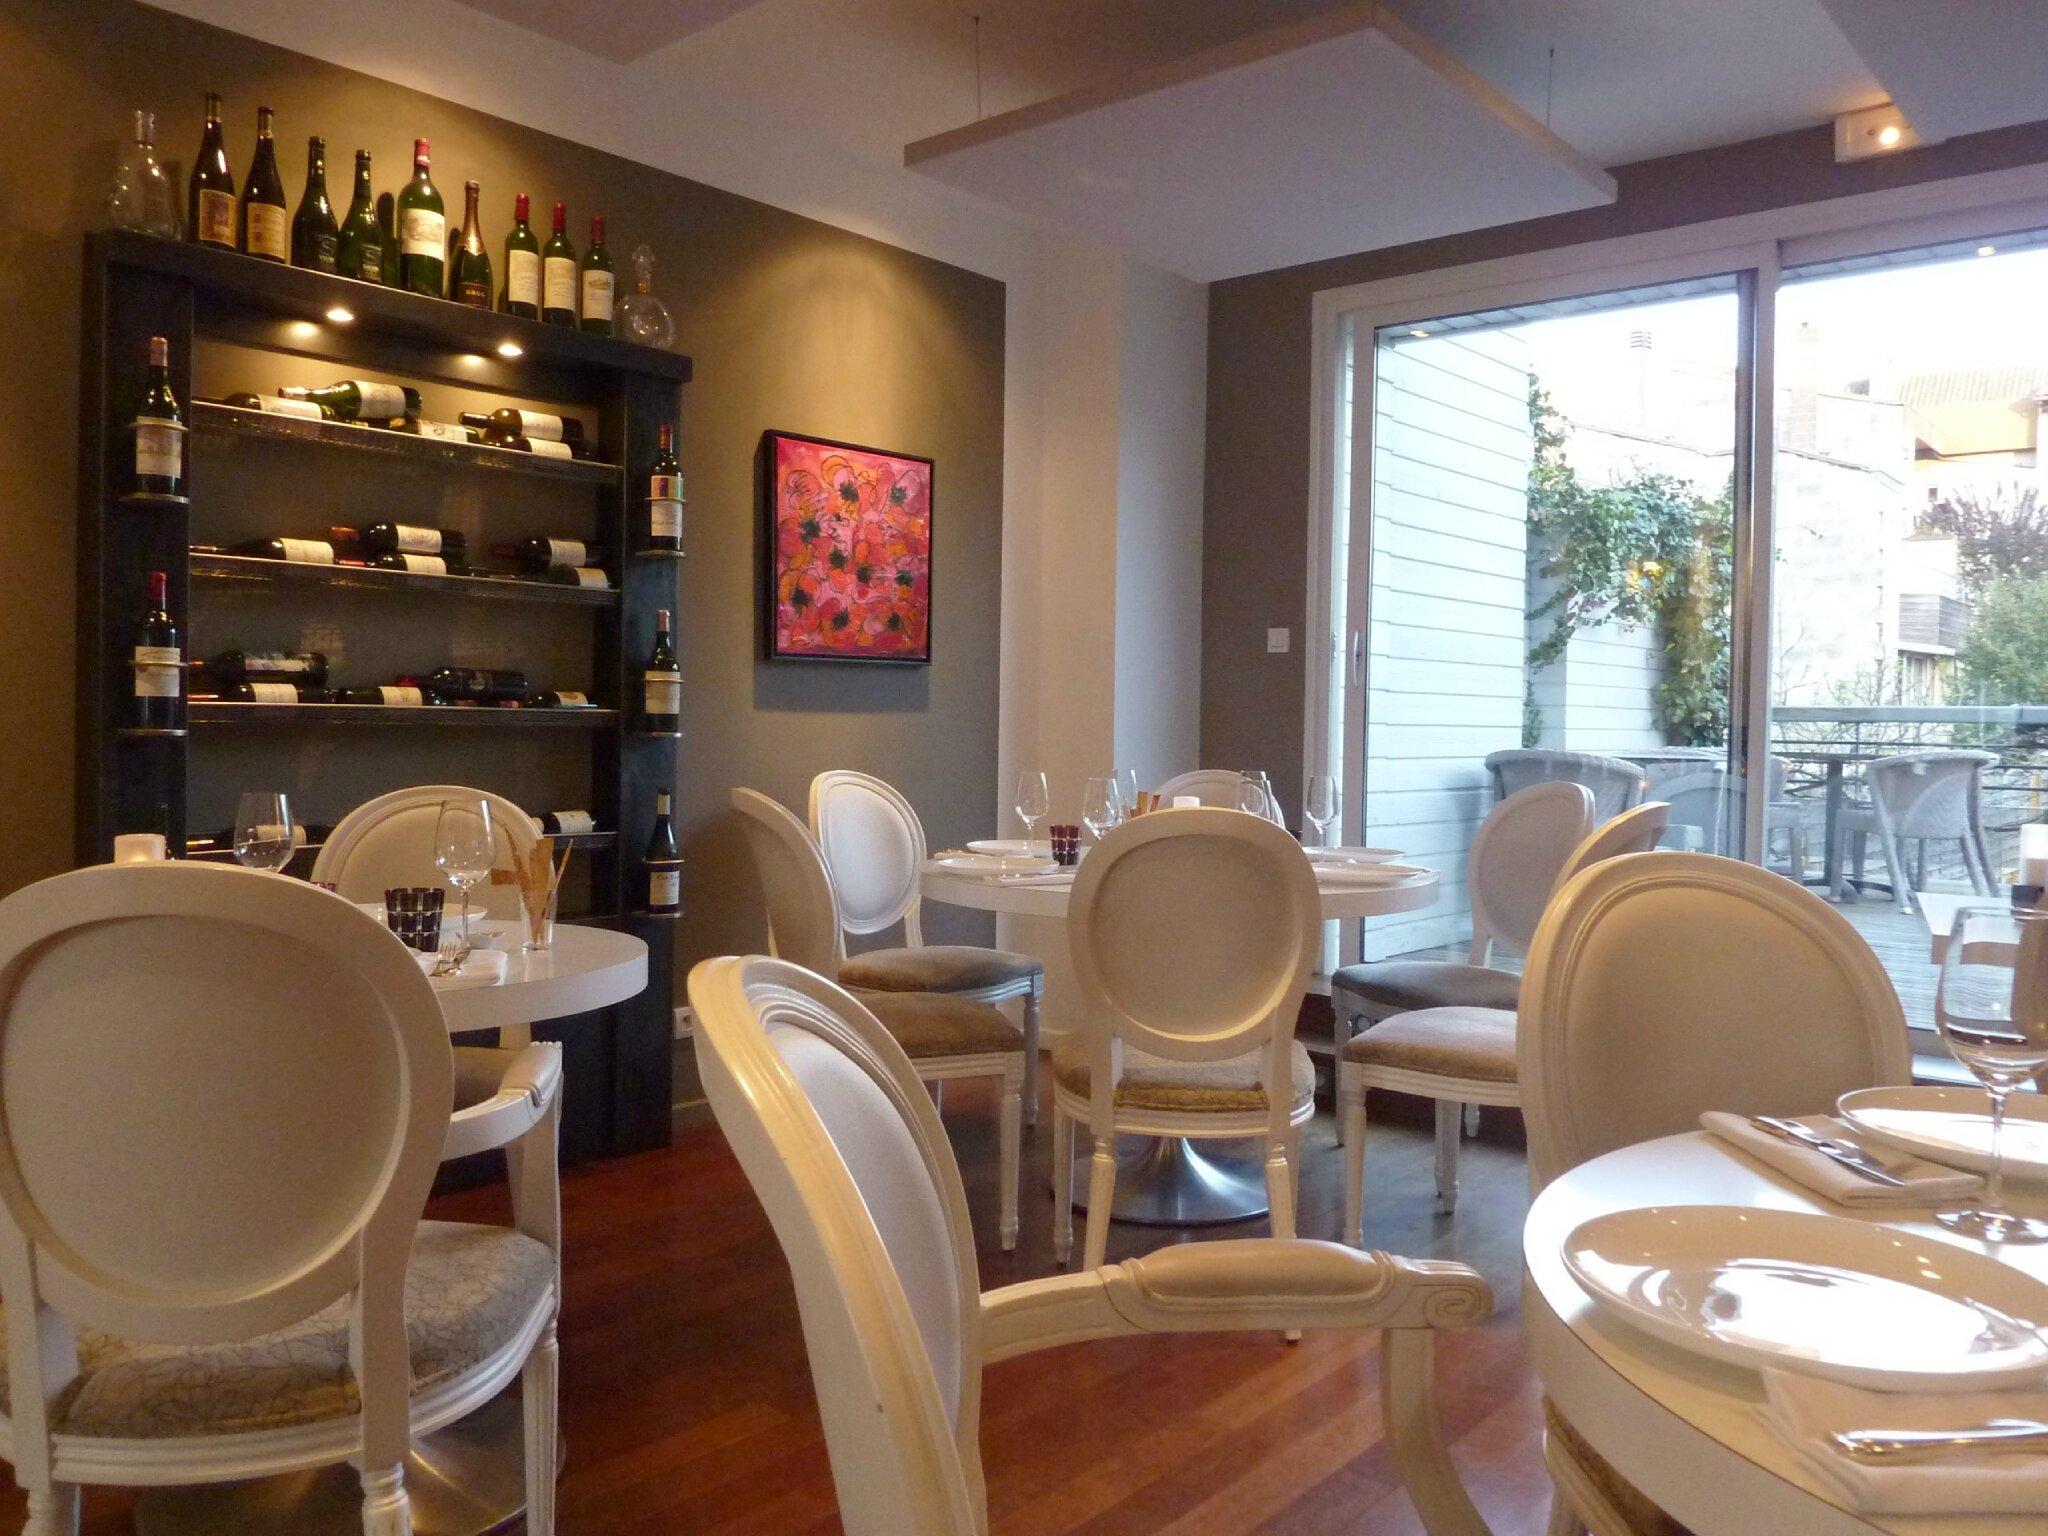 Restaurant L\'oiseau bleu – Bordeaux - LesplatsdePat